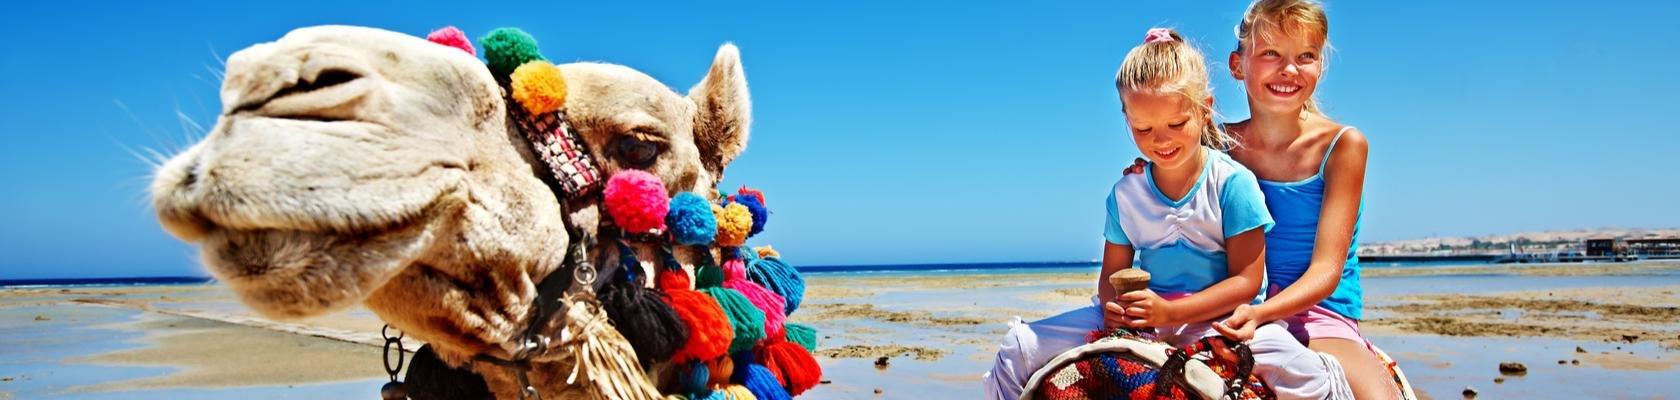 Ritje op een kameel